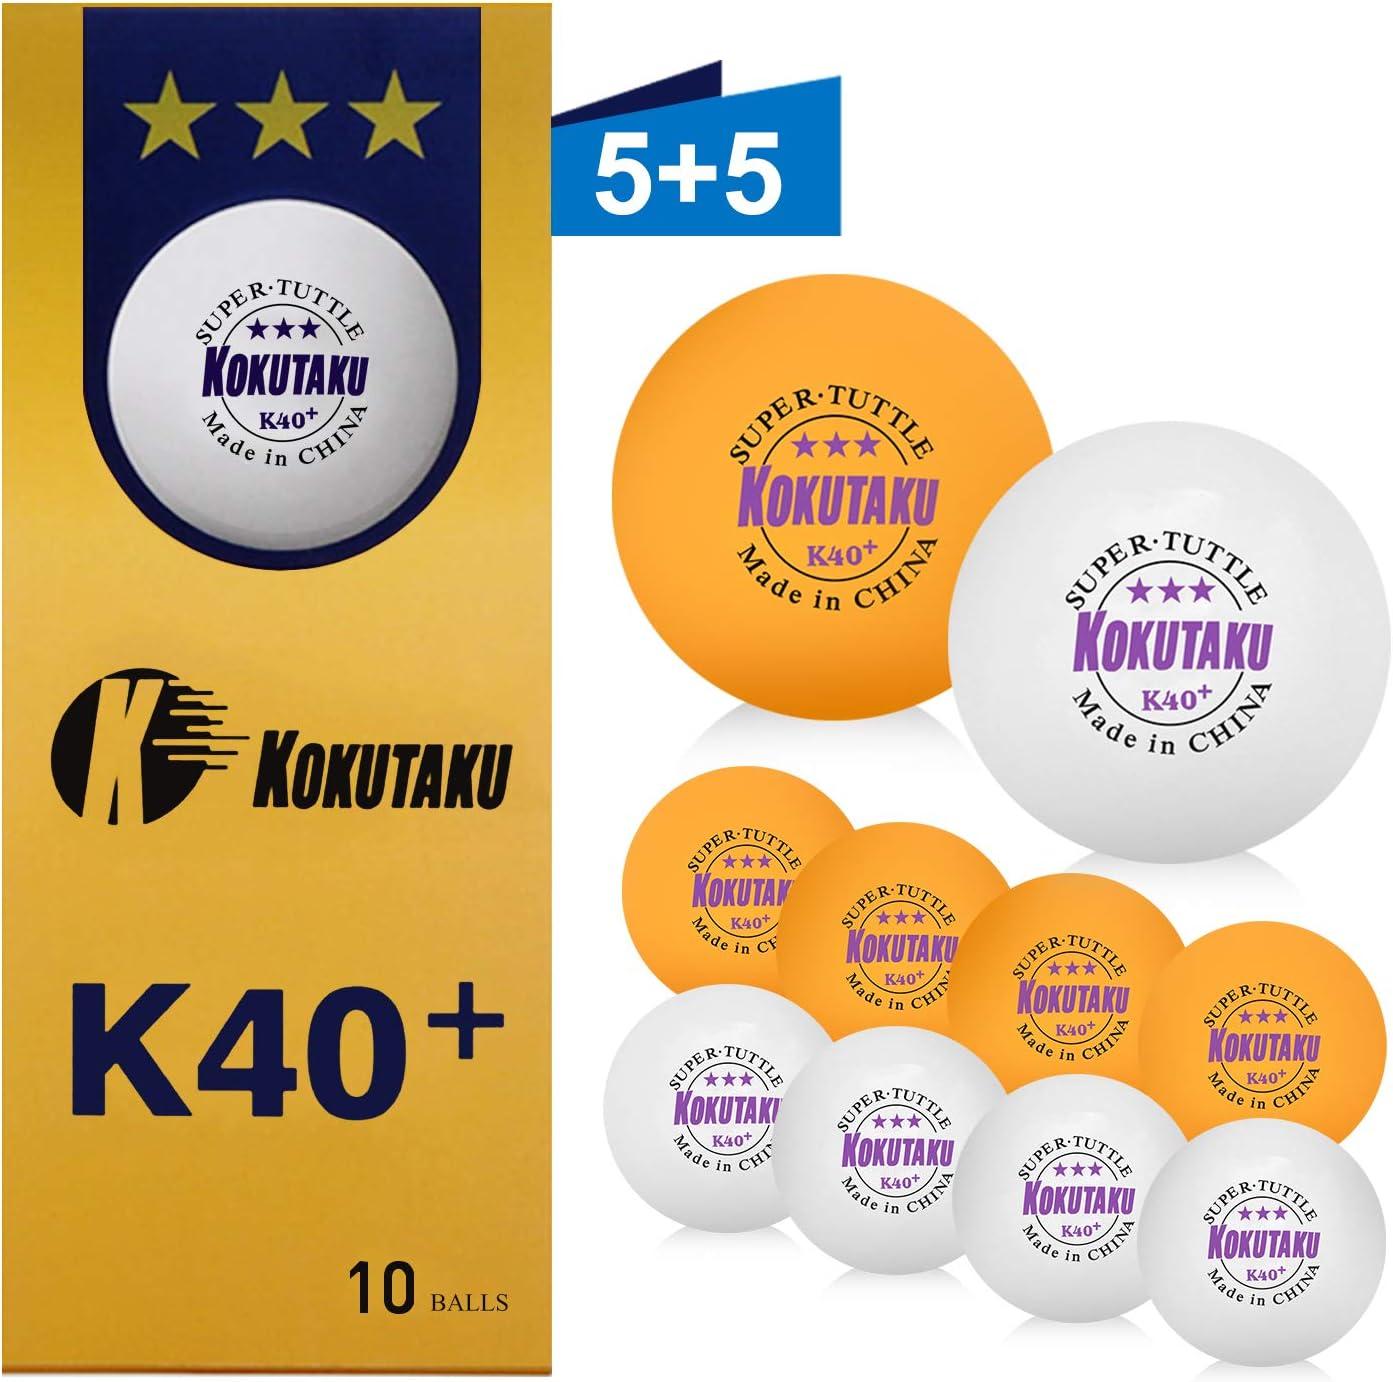 Pelotas de ping pong 3 estrellas blanco/naranja, juego de pelota de tenis de mesa K40 profesional, ideal para niños adultos, entrenamiento al aire libre en interiores (10 pcs)